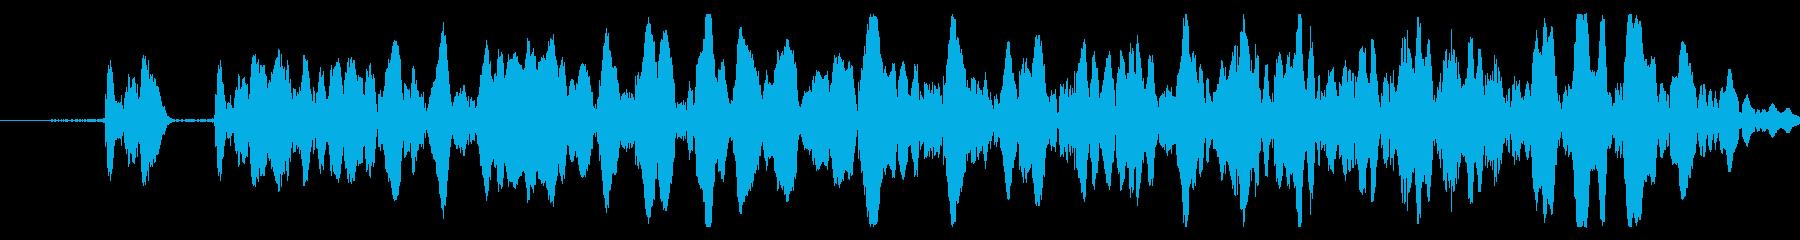 エラー/キャンセル/閉じる/戻る/04の再生済みの波形